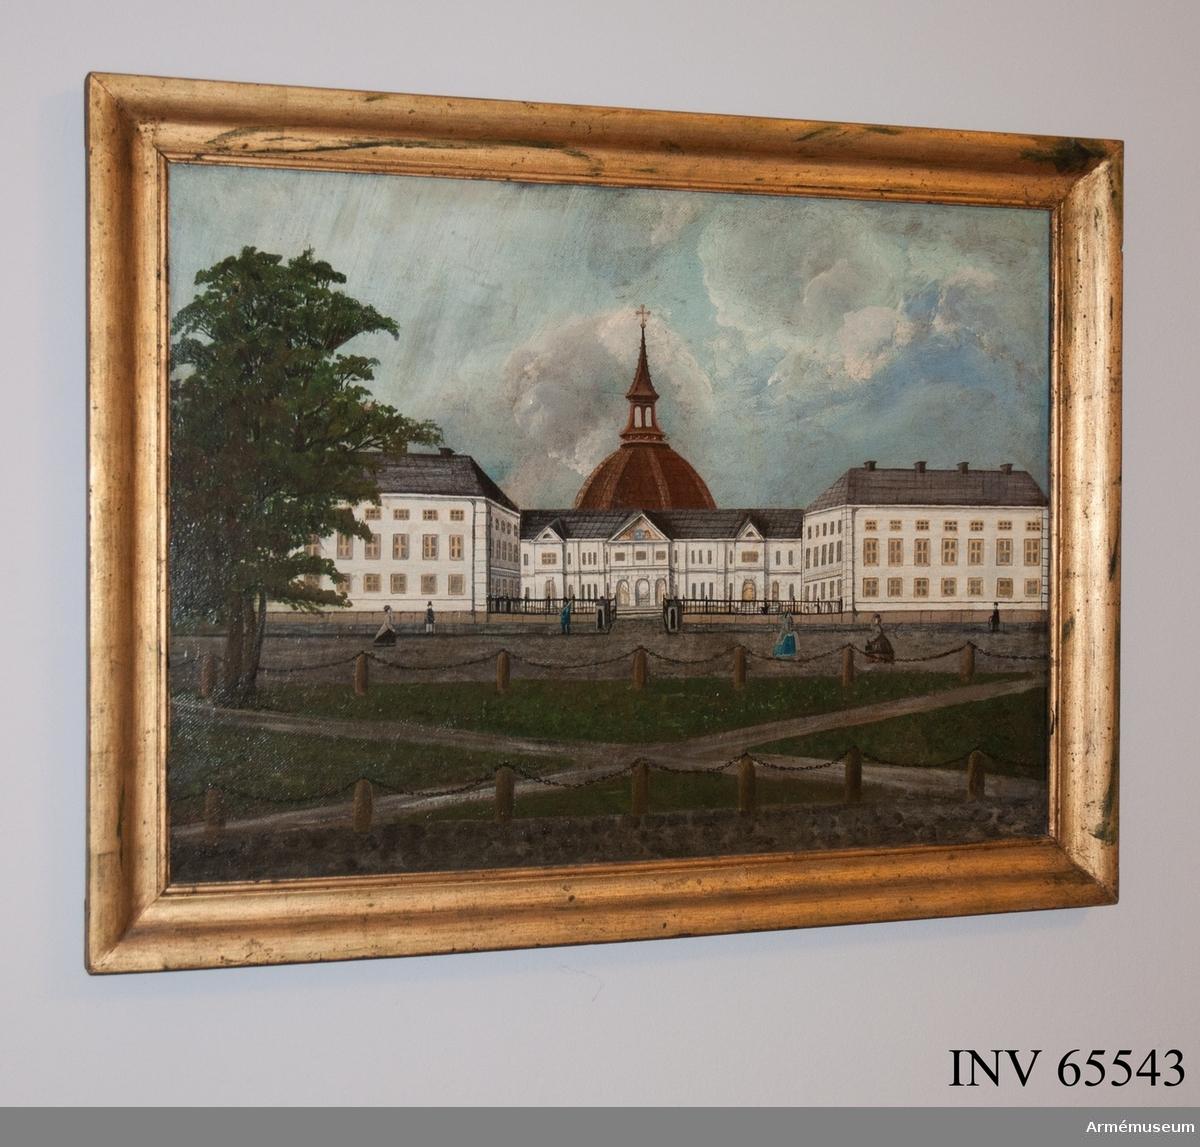 Grupp MI. Oljemålning signerad Mortenson, föreställande Artillerigården 1868-1882, före tyghusets tillbyggnad med en tredje våning och innan hovstallets tillkomst.